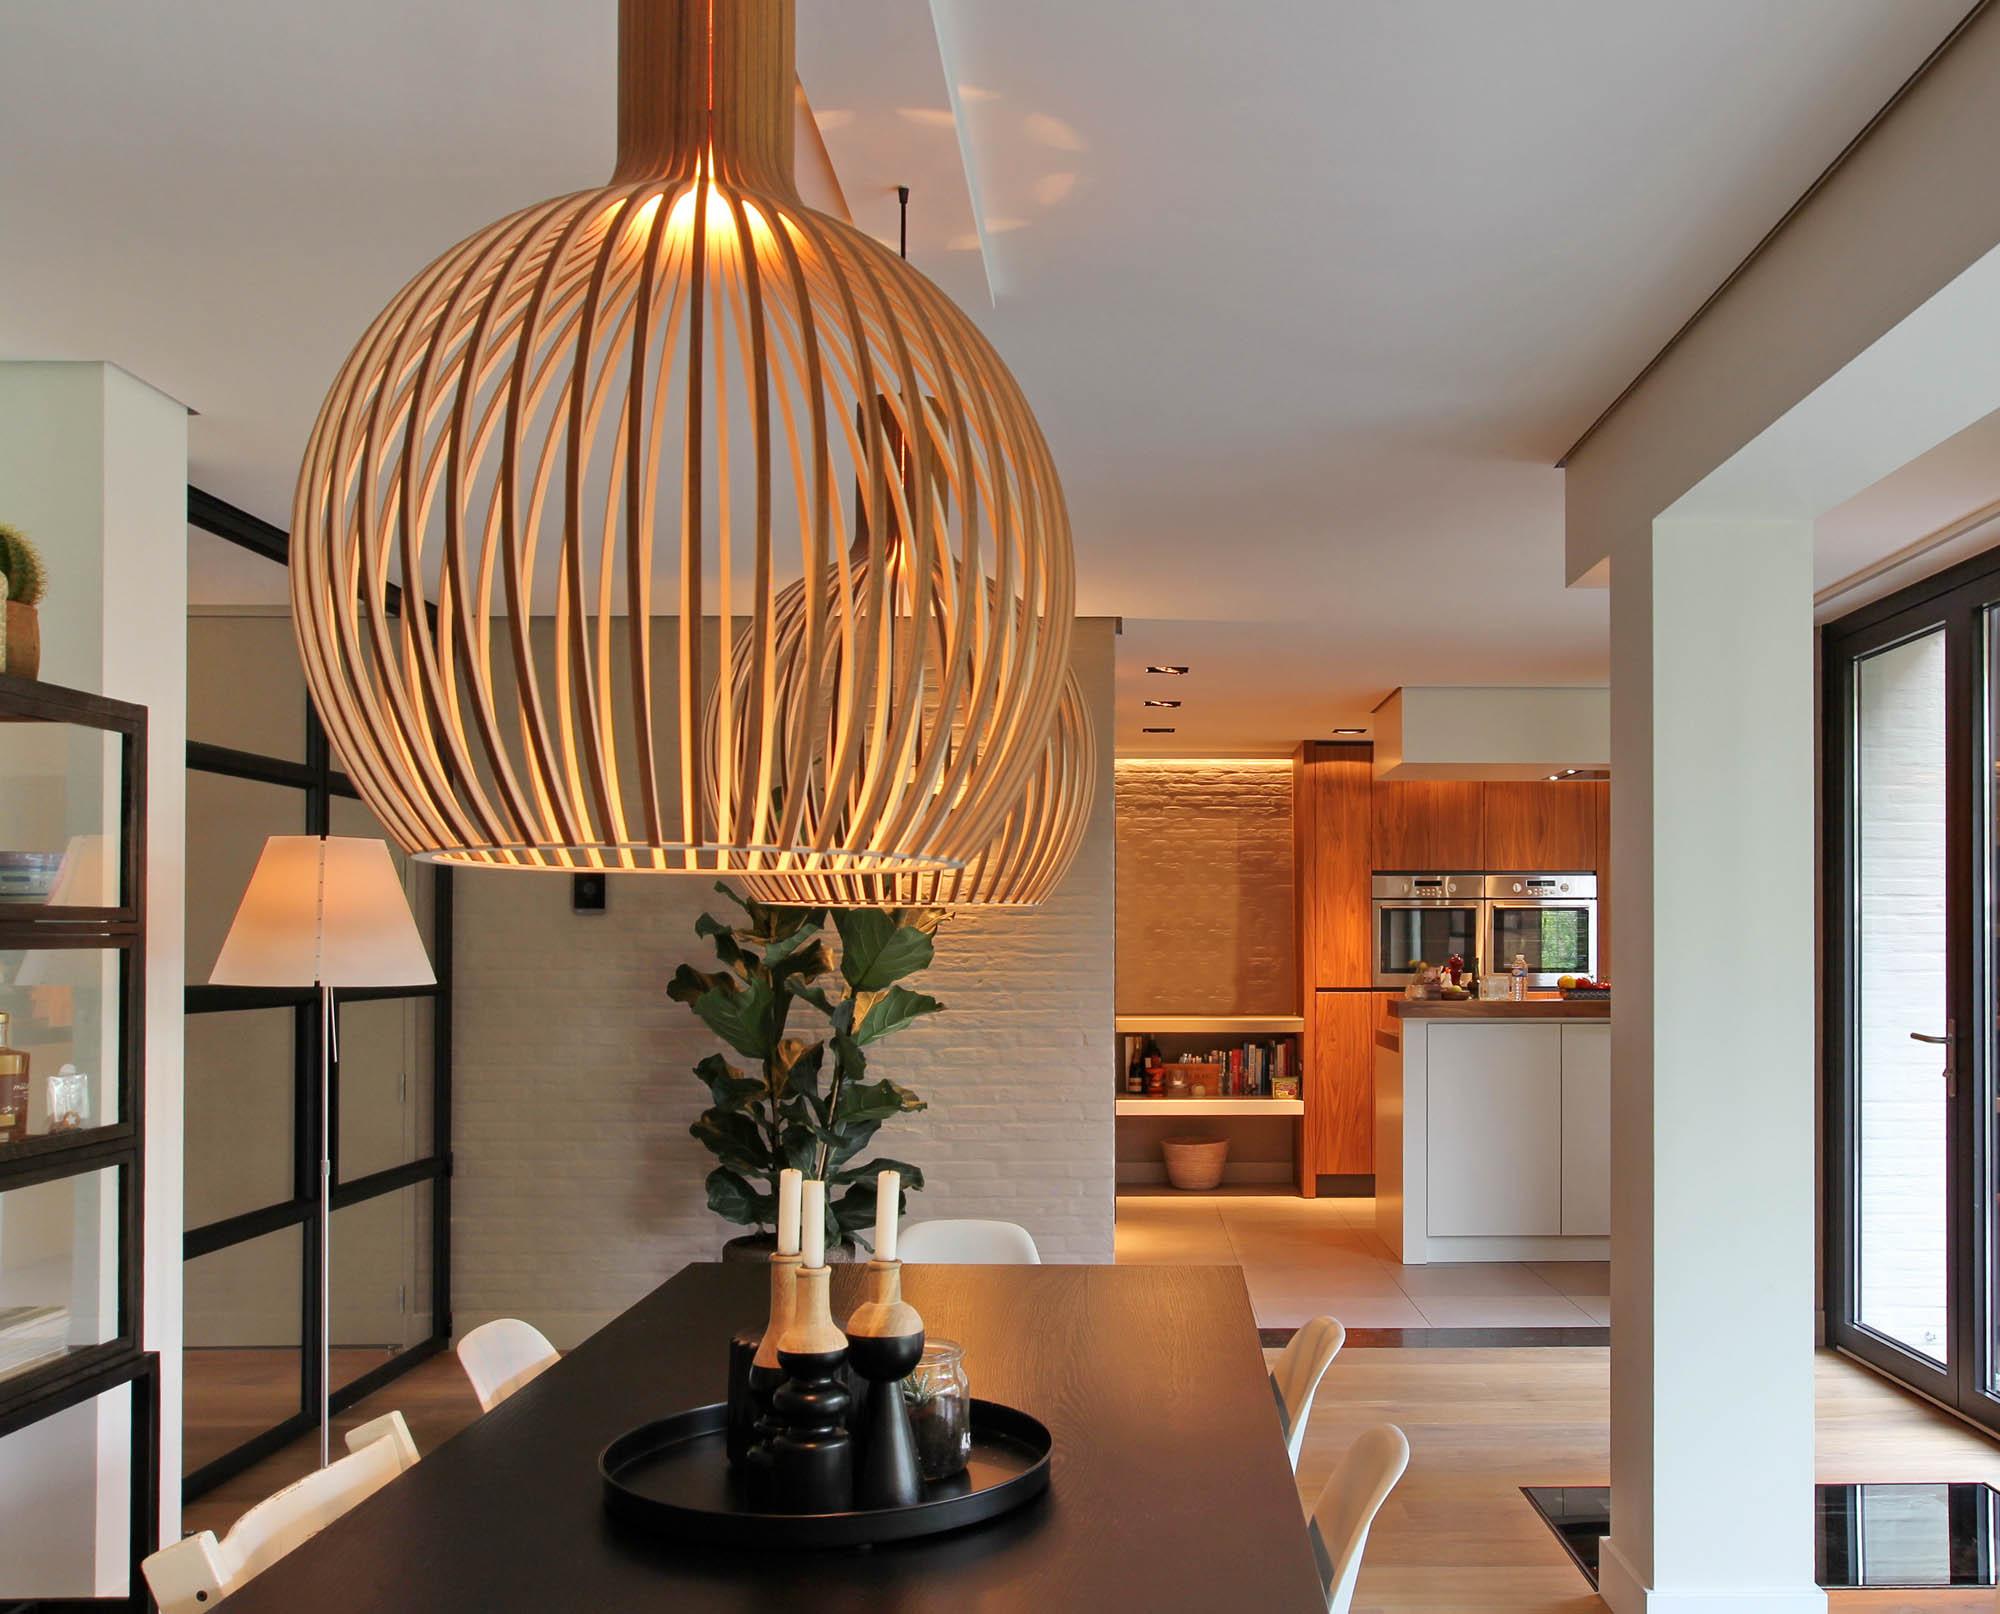 Oerlicht Breda - Verlichting en lichtplannen